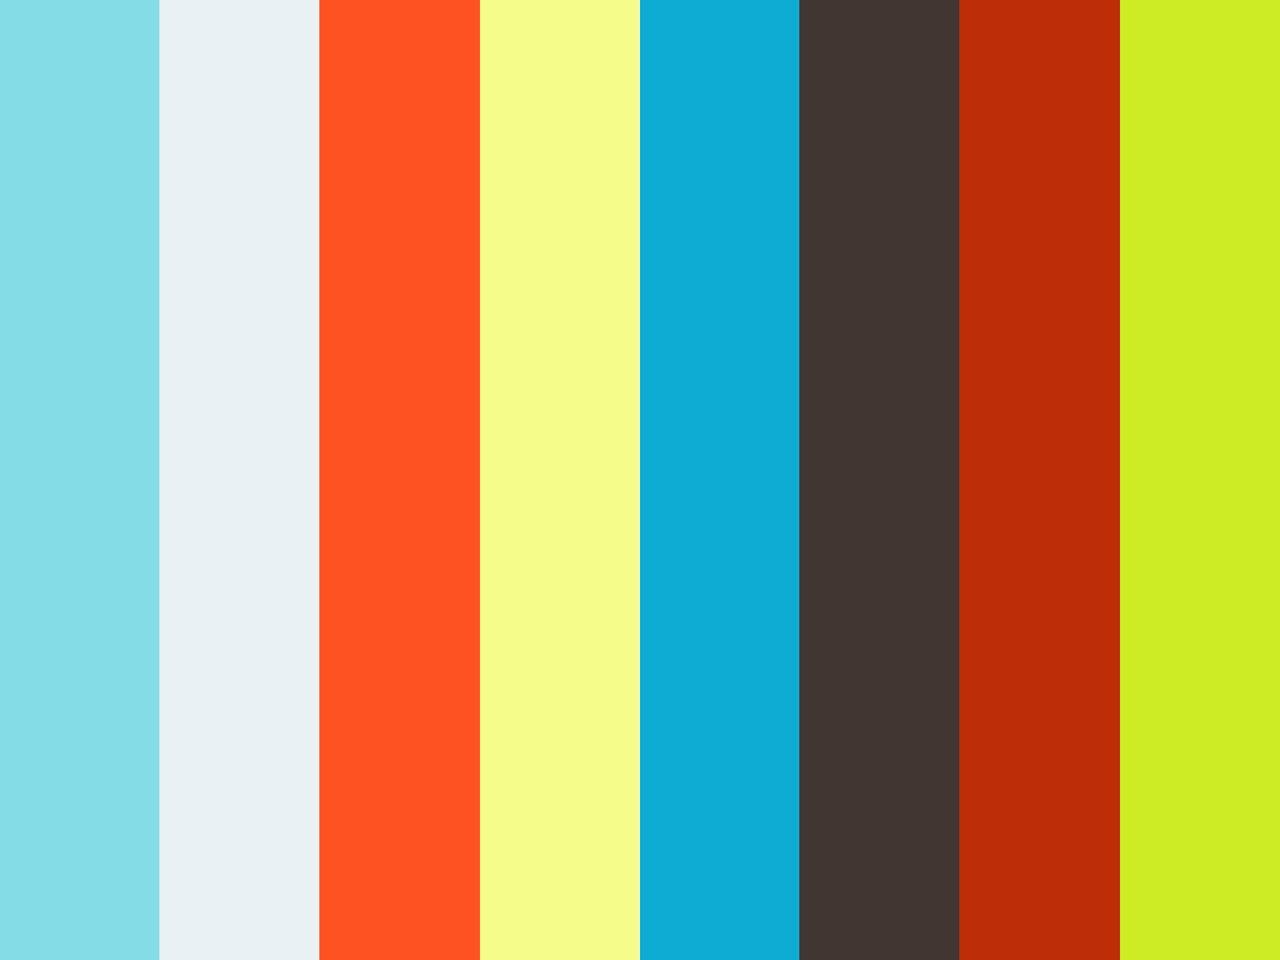 L'homme Transparent - Ado Toussaint S1 2019